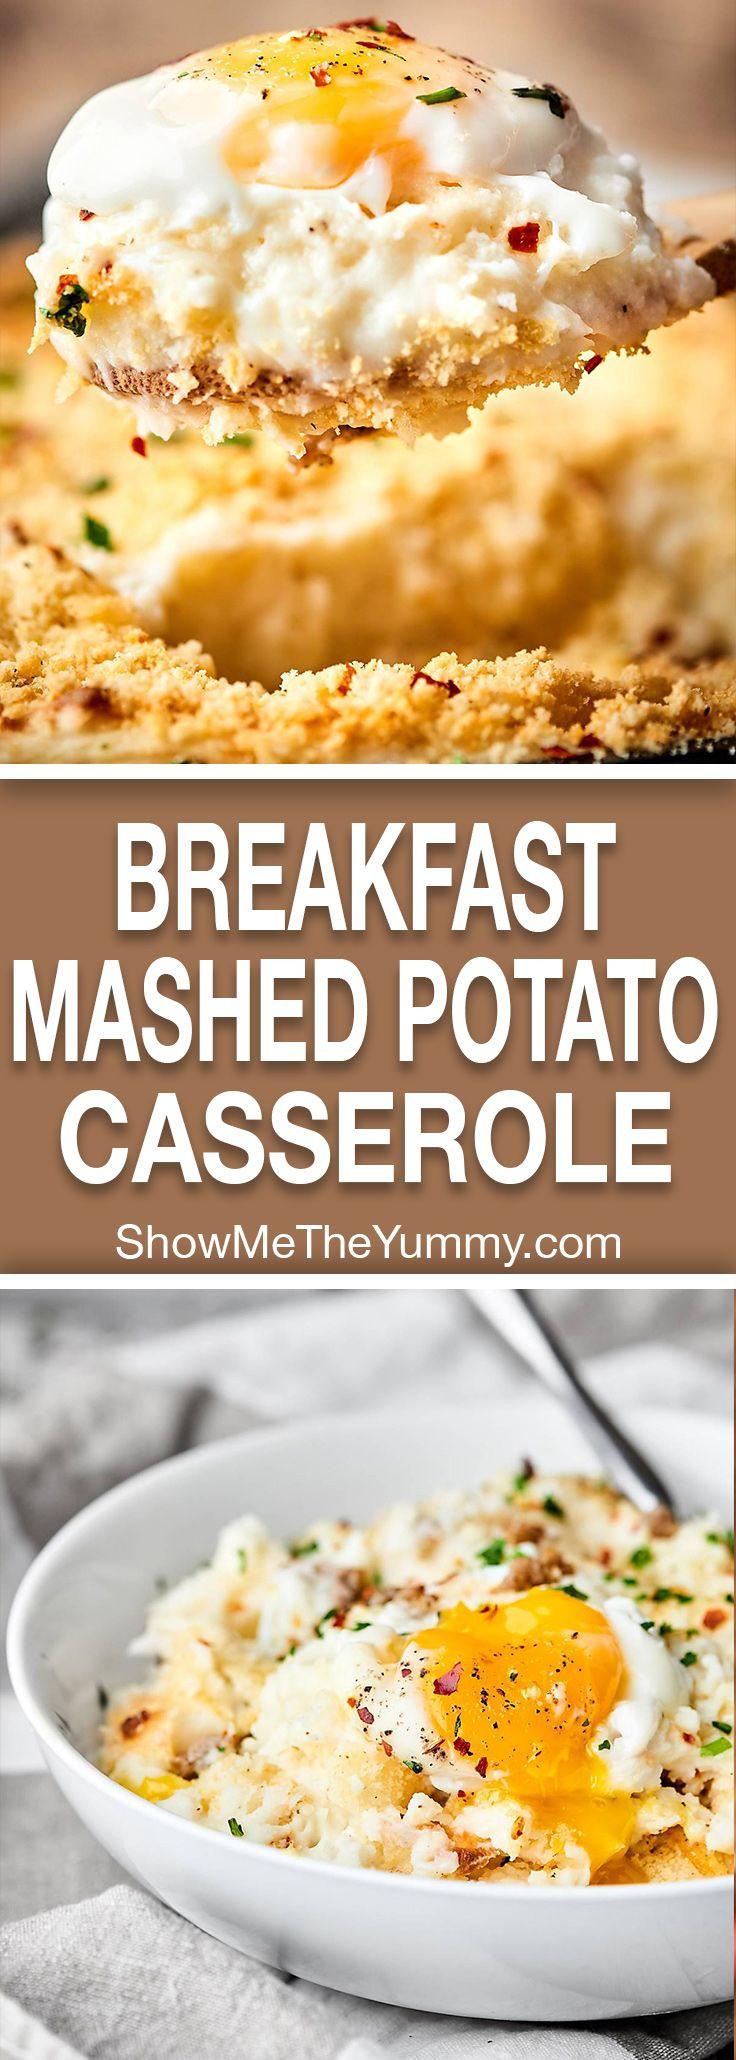 Breakfast Mashed Potatoes  Breakfast Mashed Potato Casserole Recipe